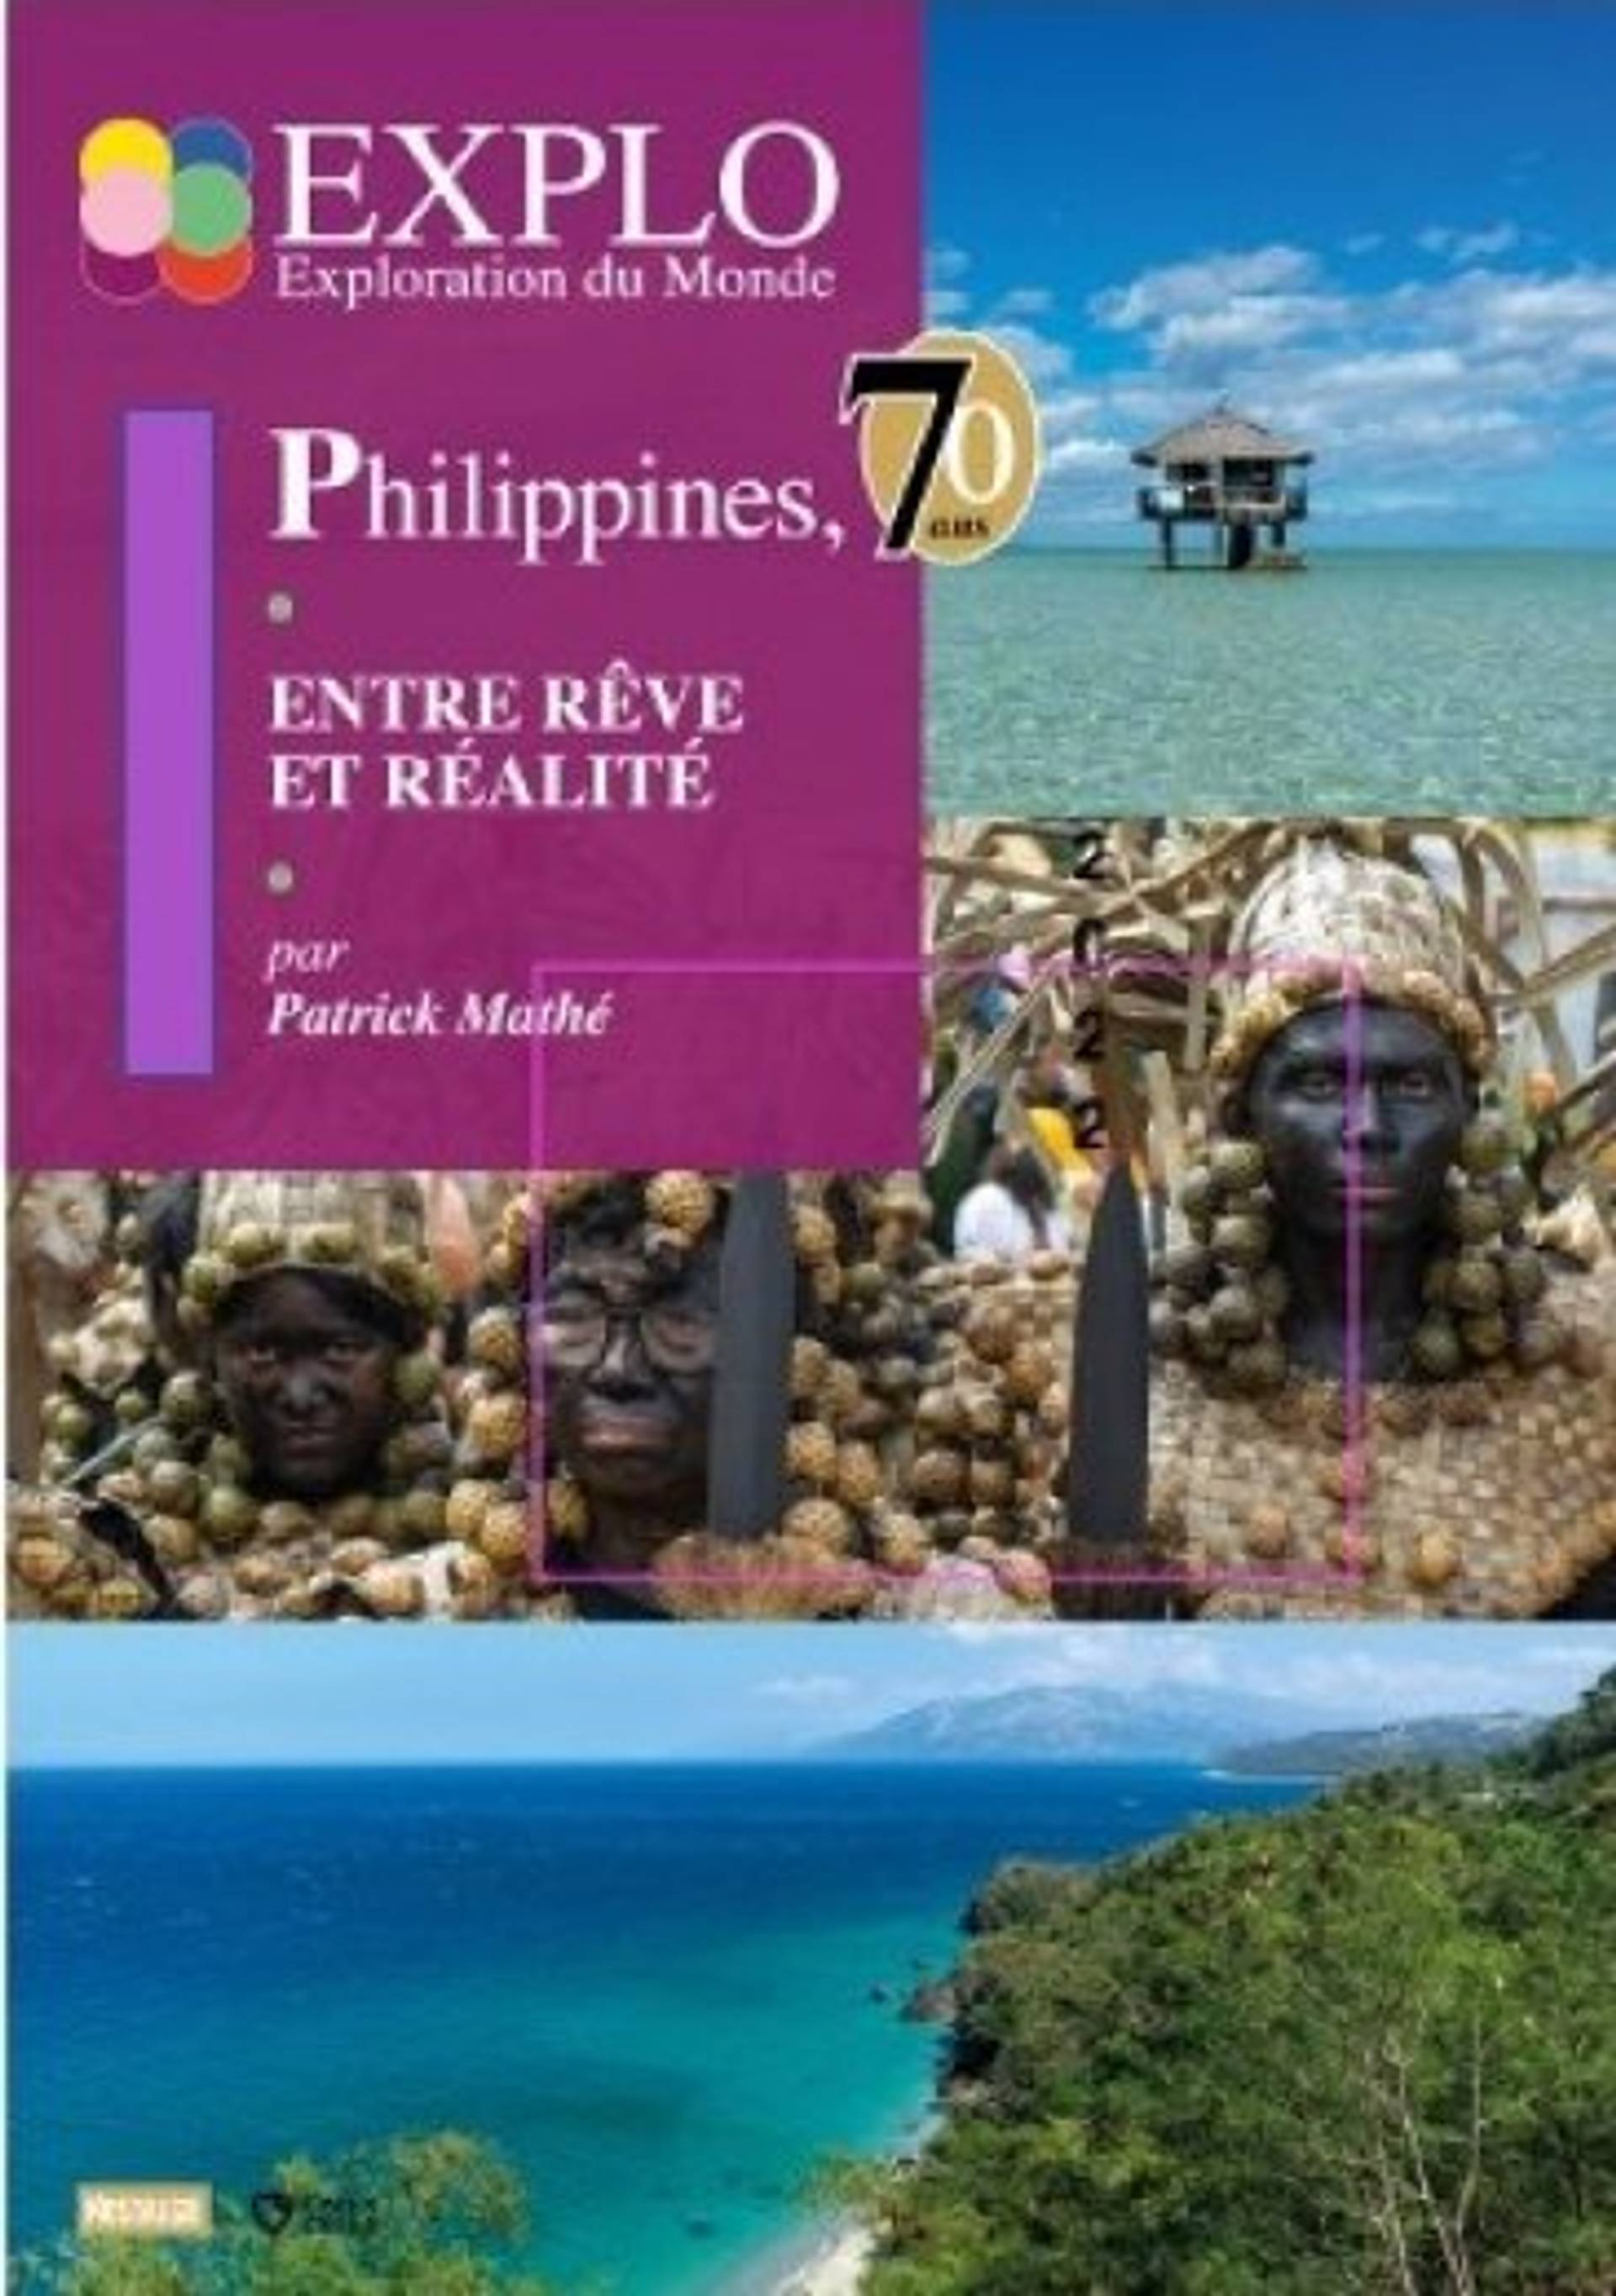 Philippines, entre rêve et réalité